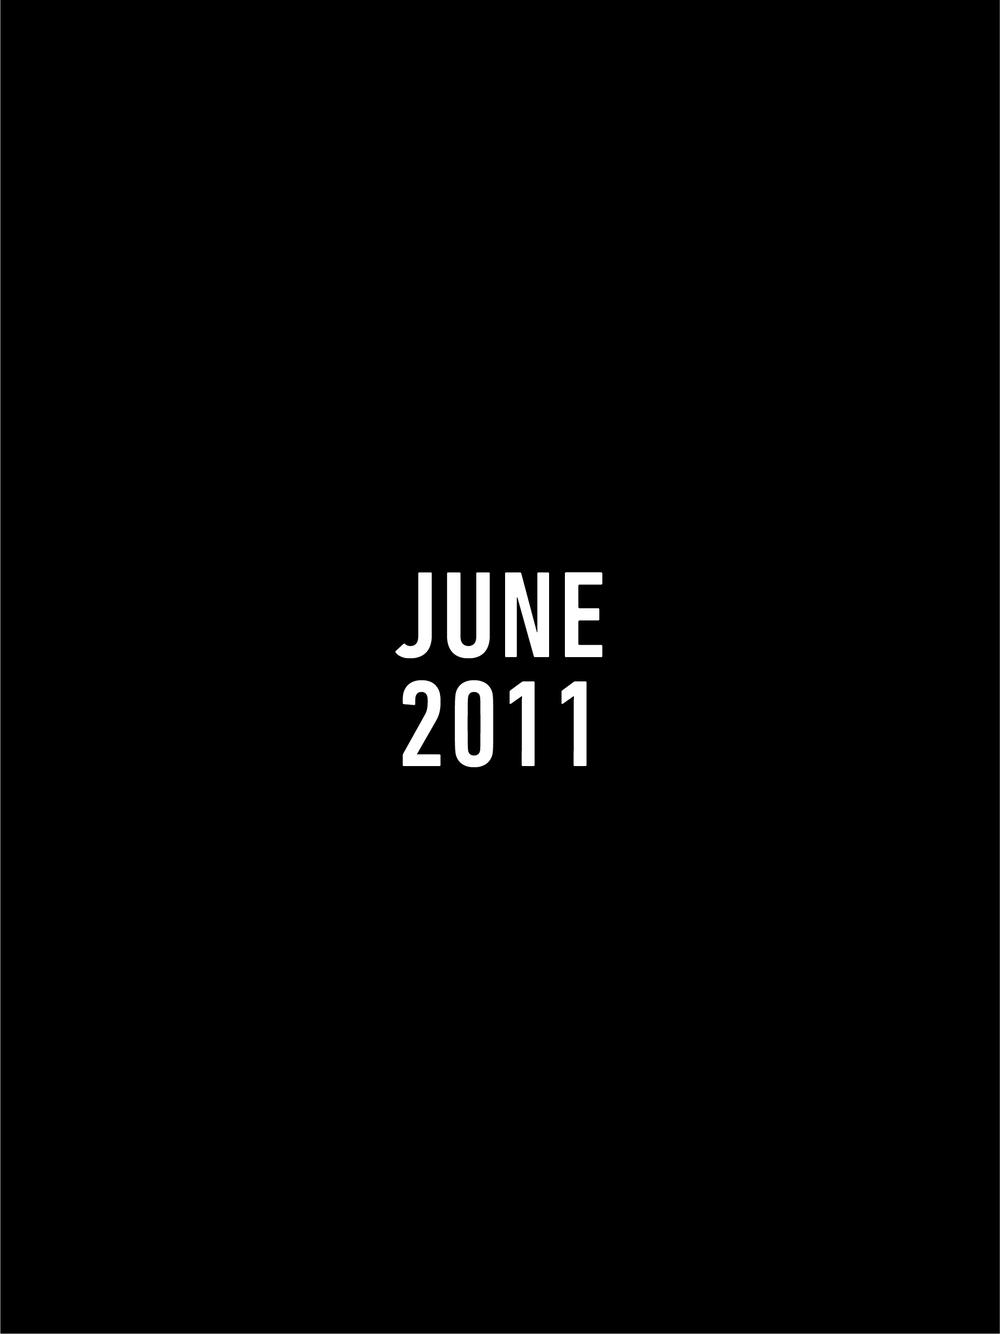 2011 months6.jpg